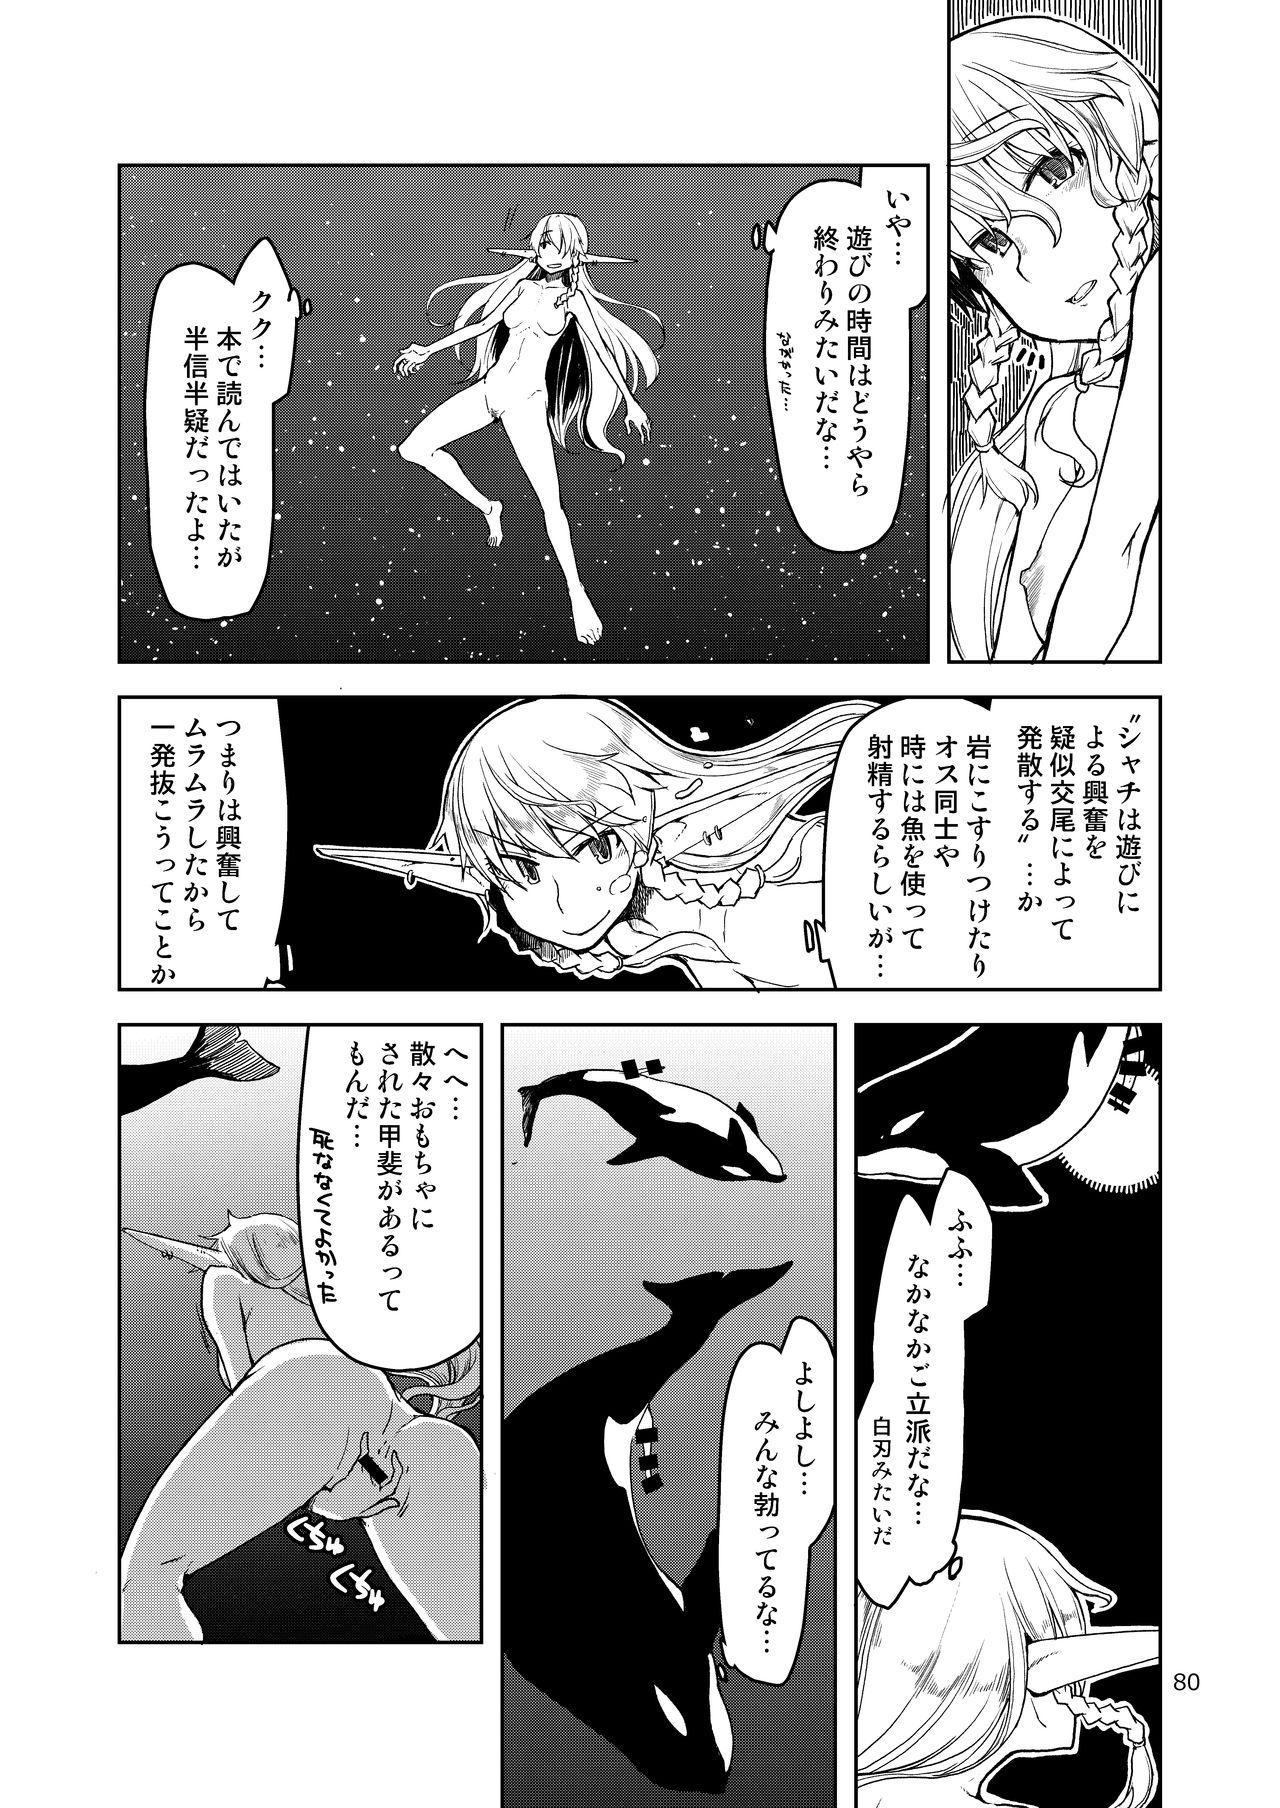 Dosukebe Elf no Ishukan Nikki Matome 2 80